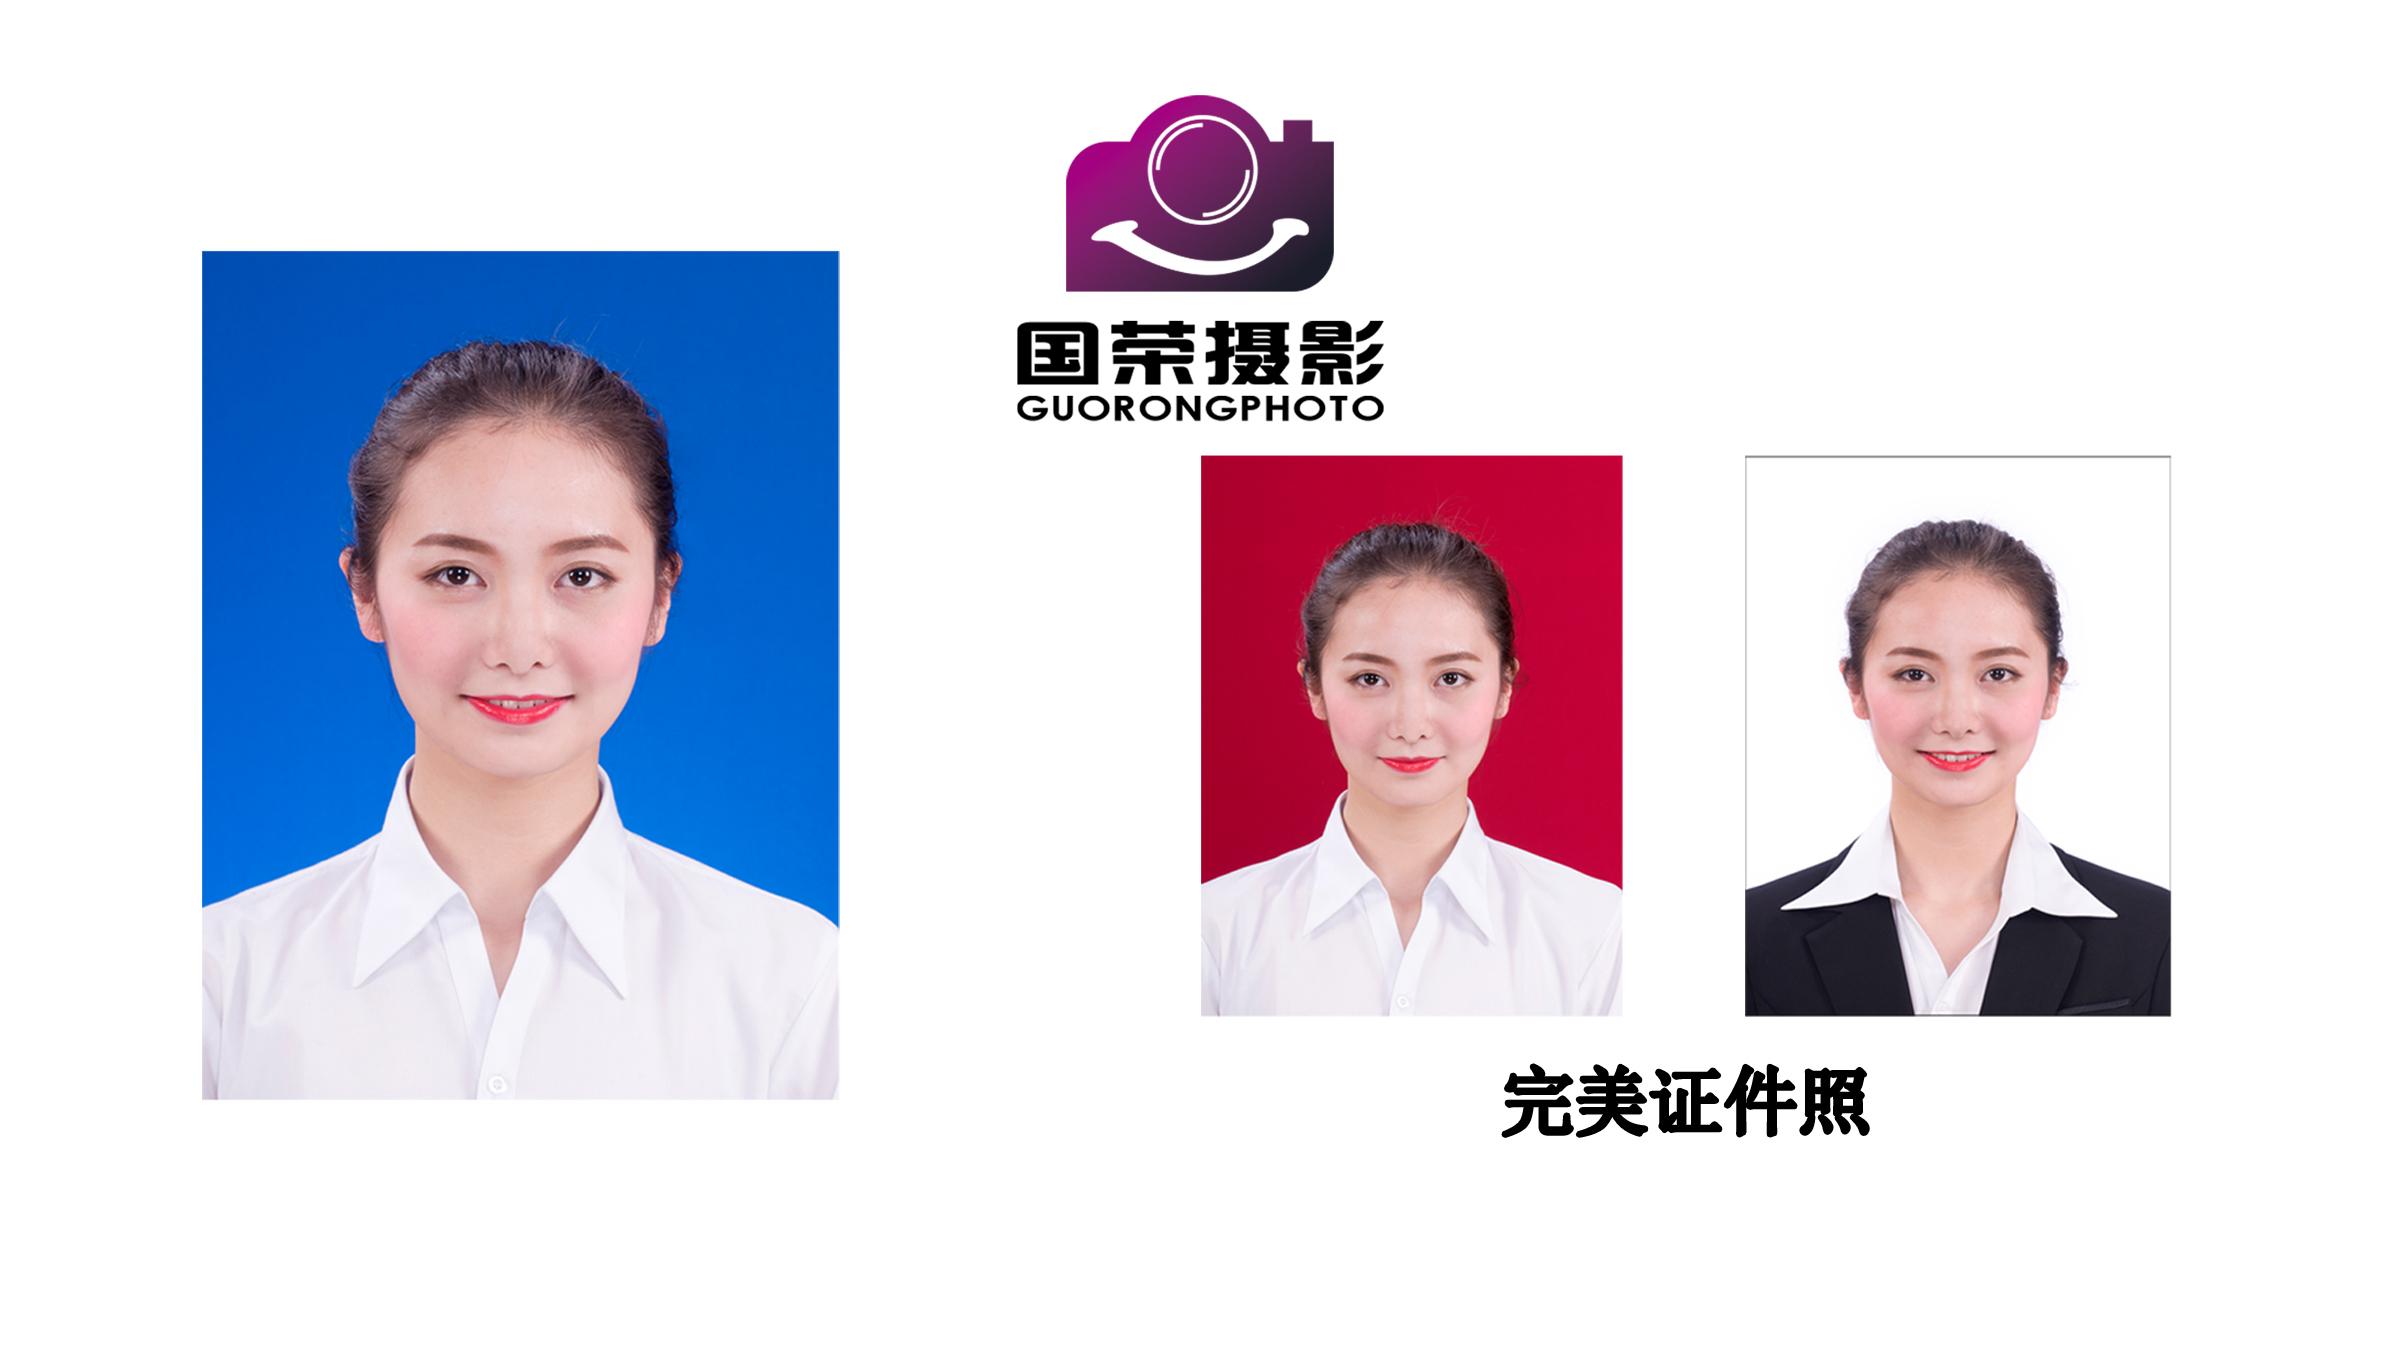 完美证件照(服装 化妆 精修 立等可取)